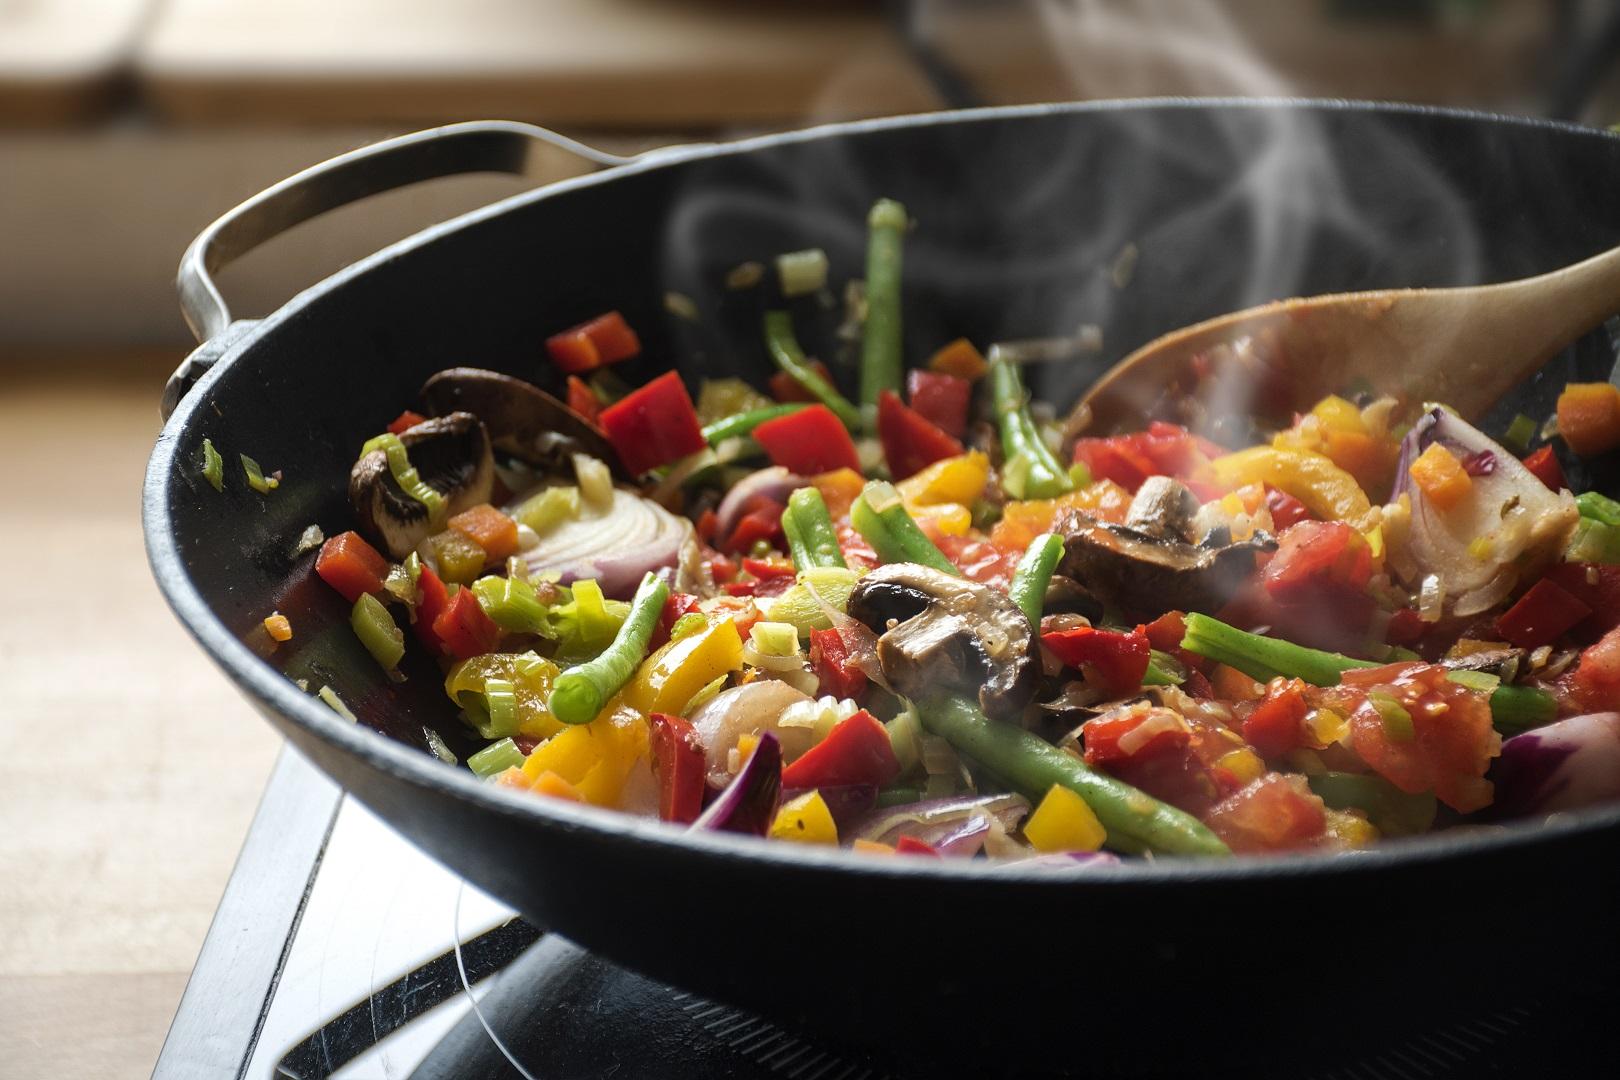 Jak smażyć warzywa?